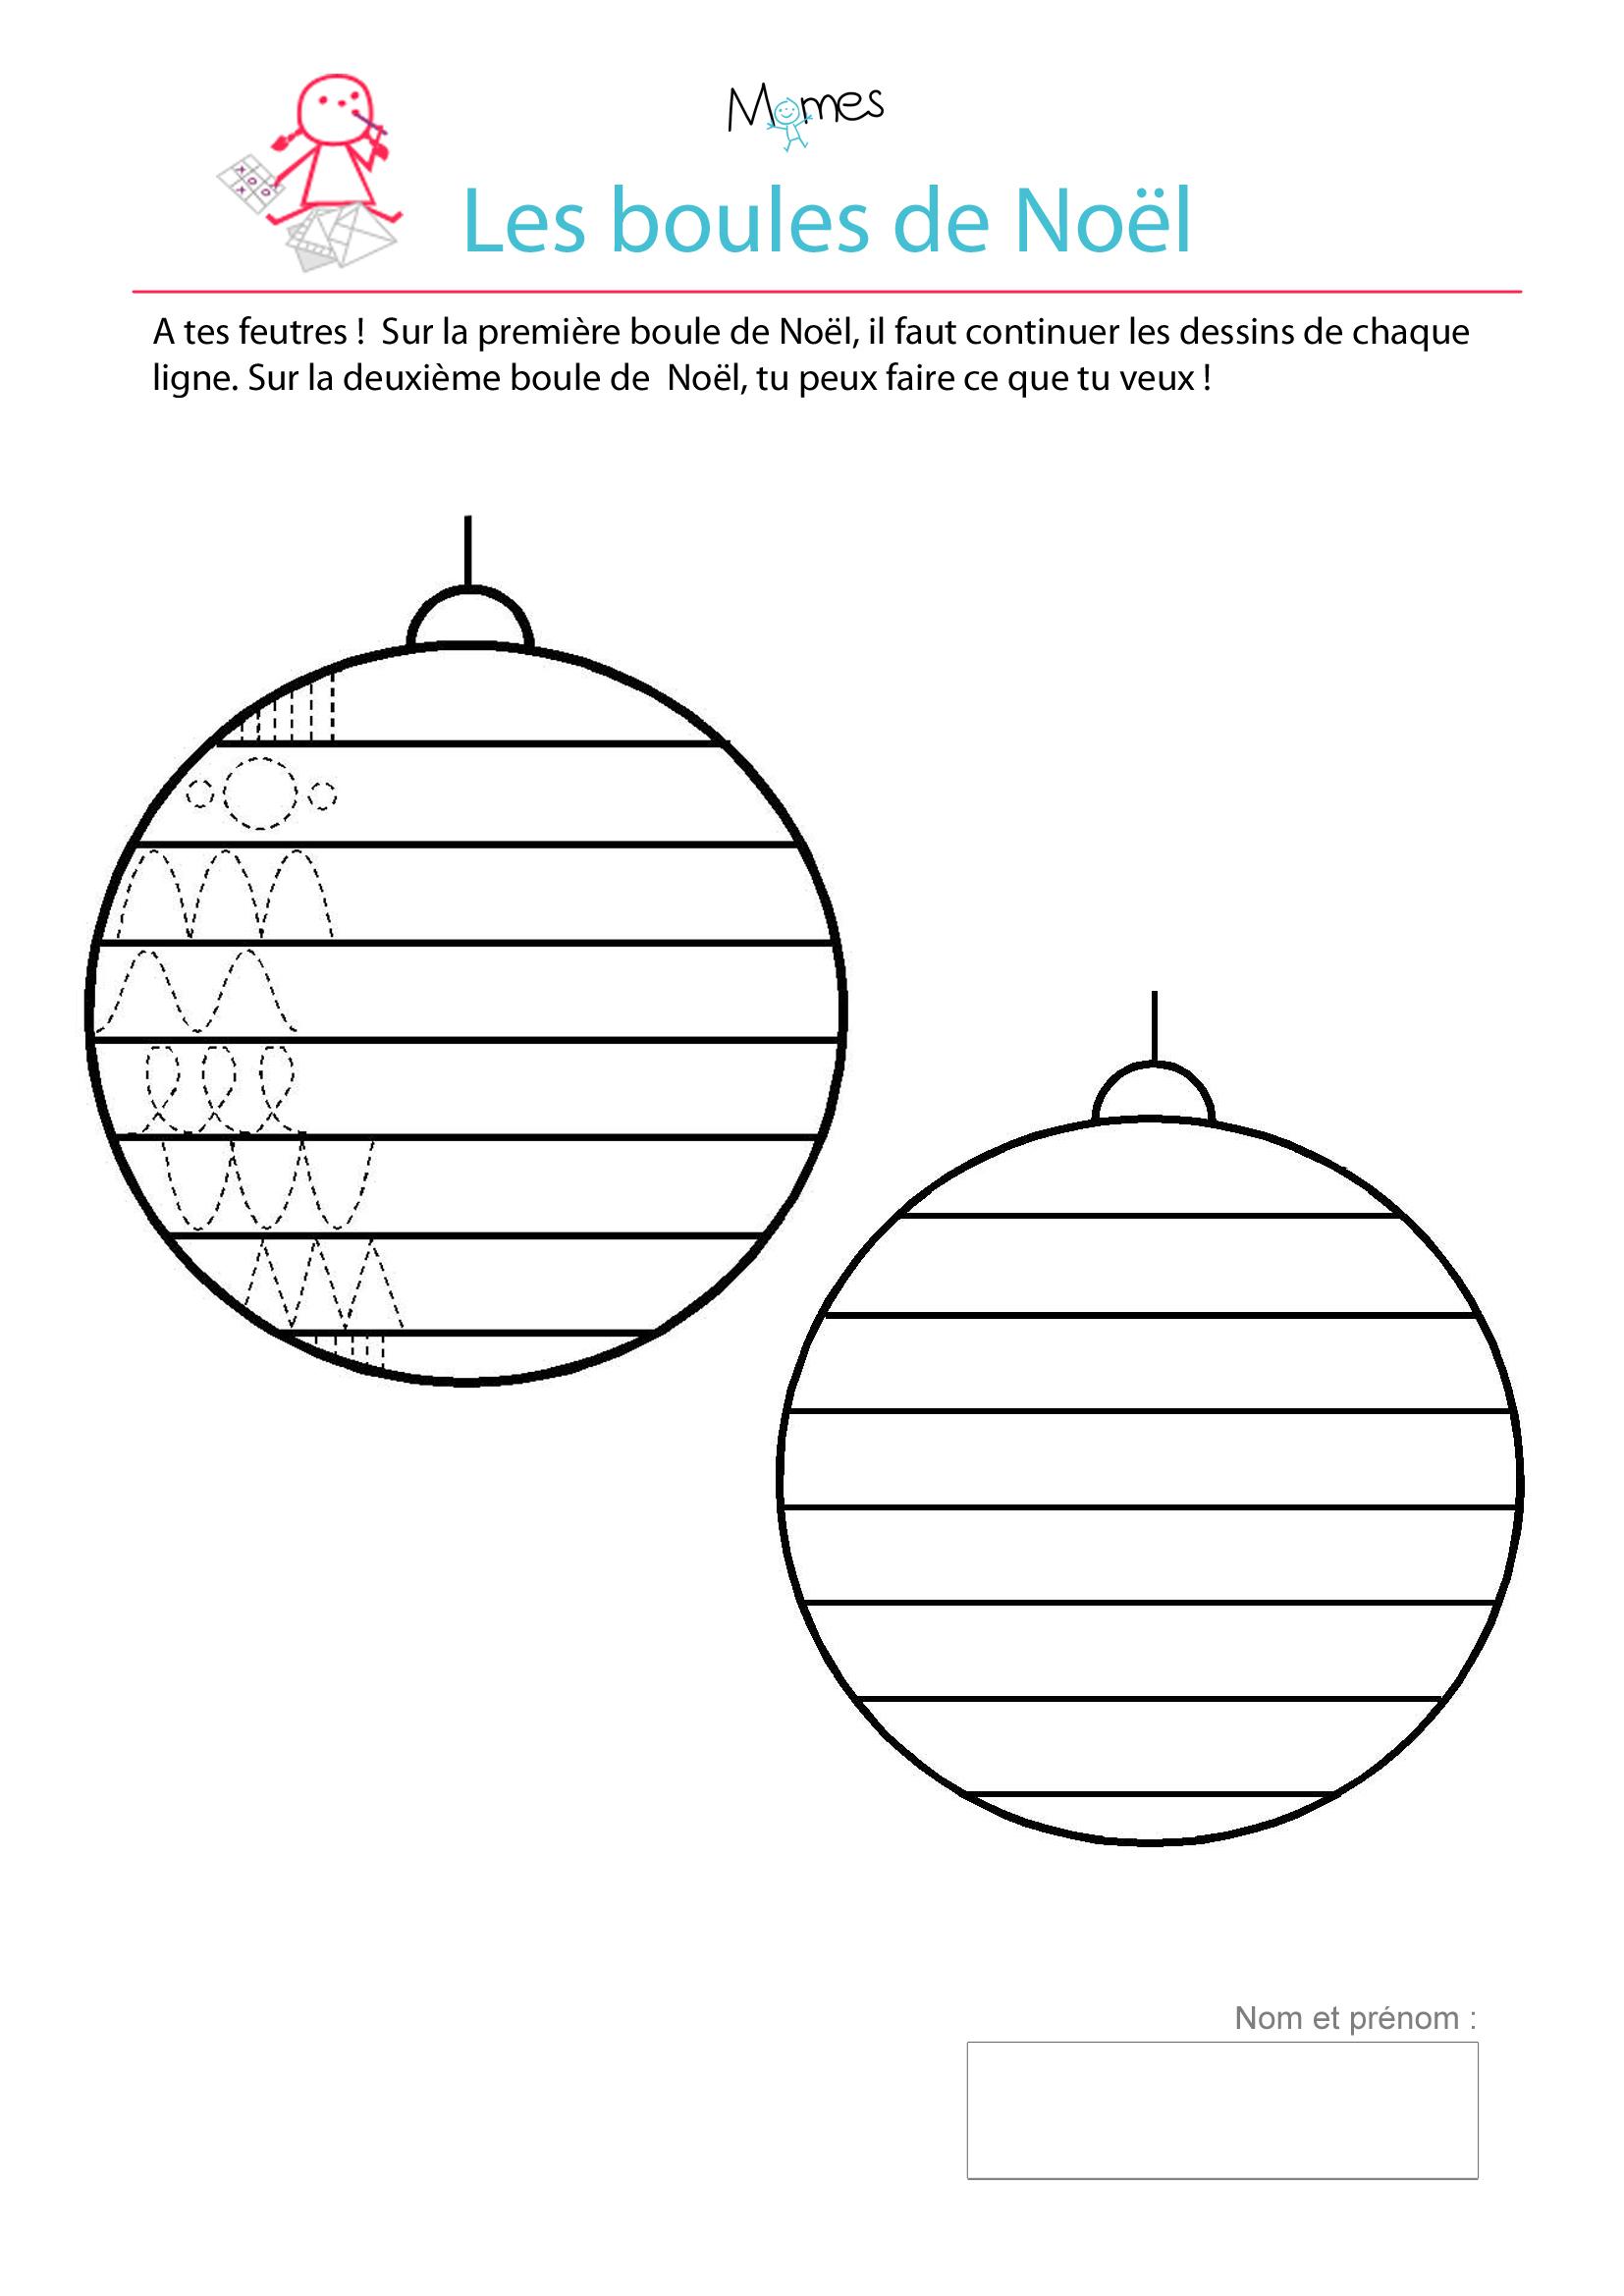 Décore Les Boules De Noël - Exercice De Tracé - Momes destiné Graphisme Gs A Imprimer